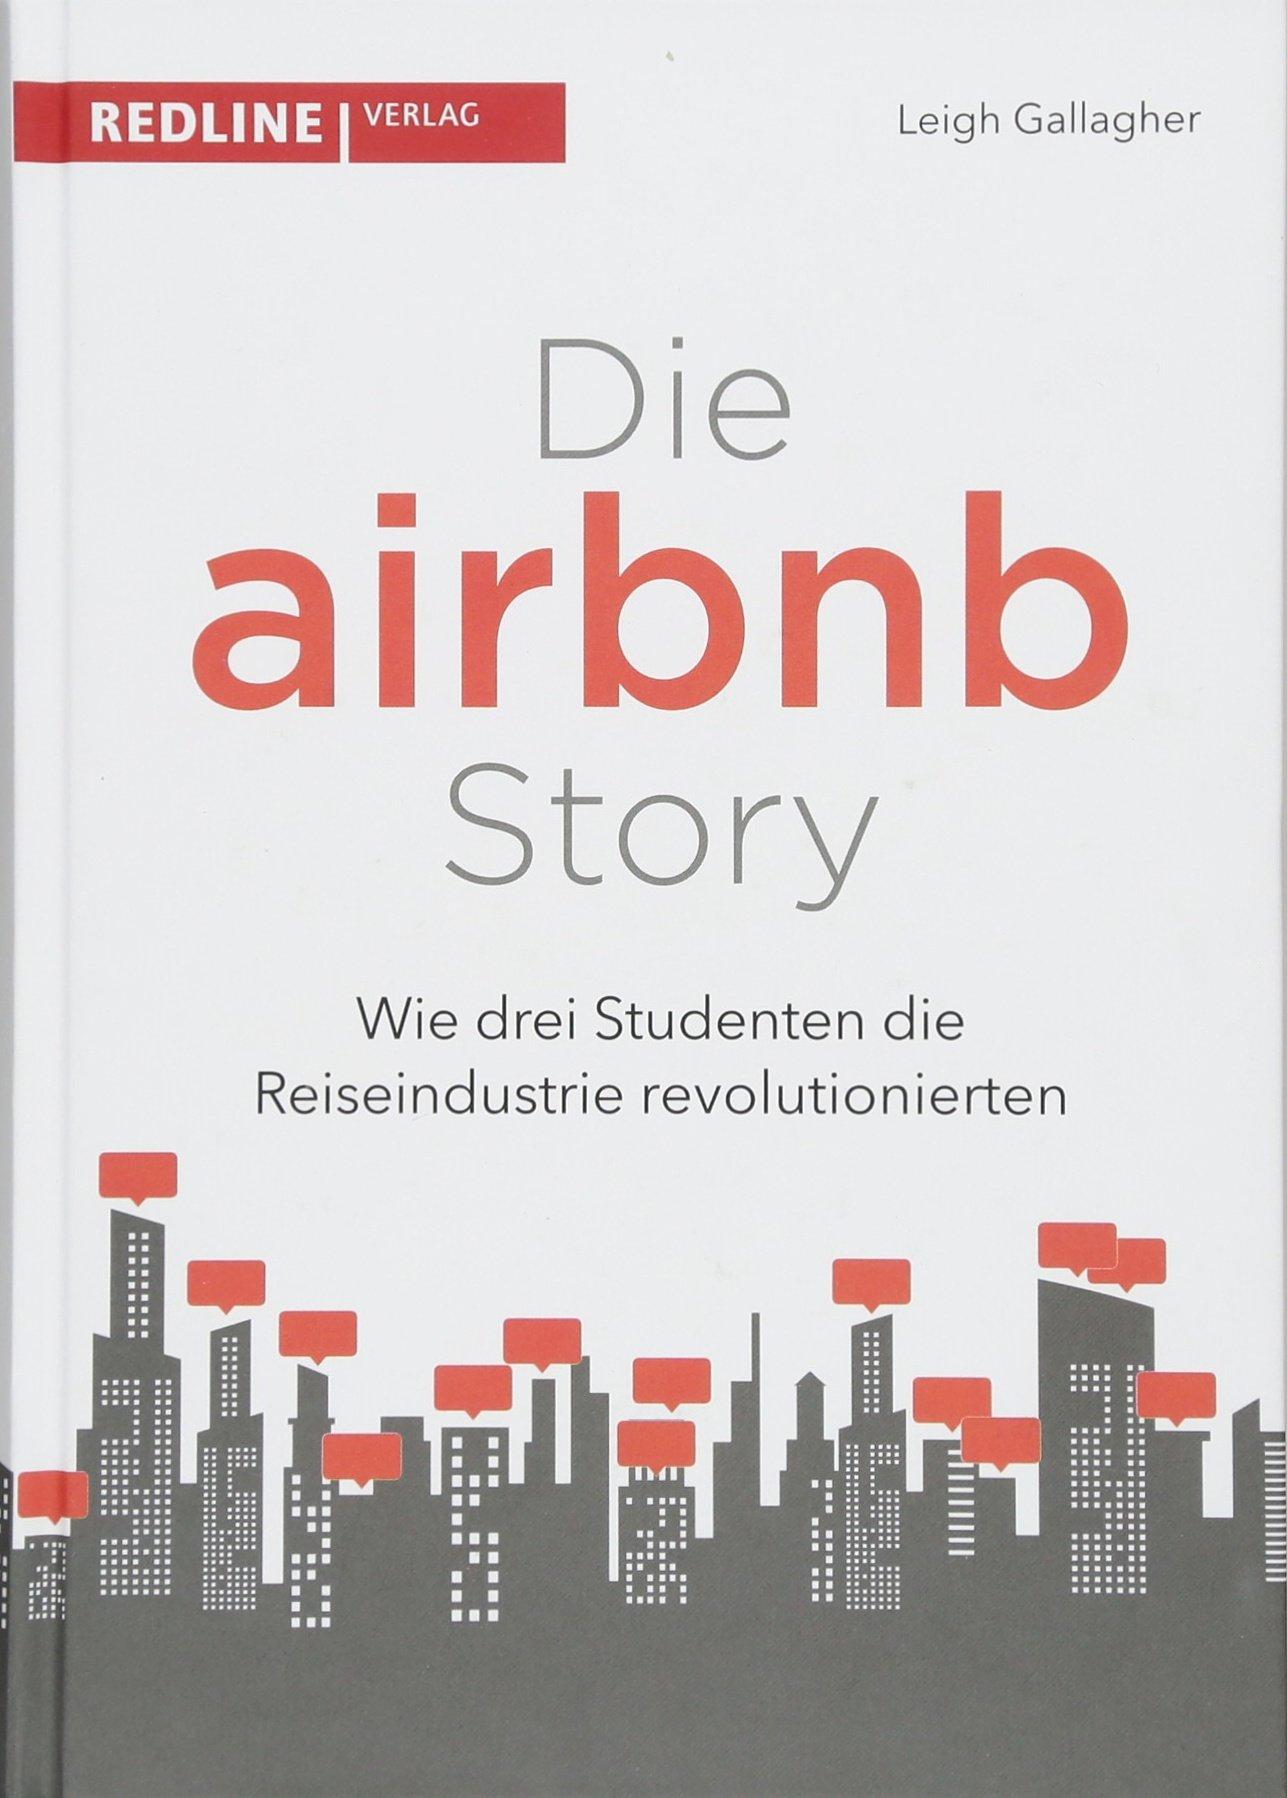 Die Airbnb-Story: Wie drei Studenten die Reiseindustrie revolutionierten Gebundenes Buch – 10. April 2017 Leigh Gallagher Redline Verlag 3868816585 Reise / Tourismus